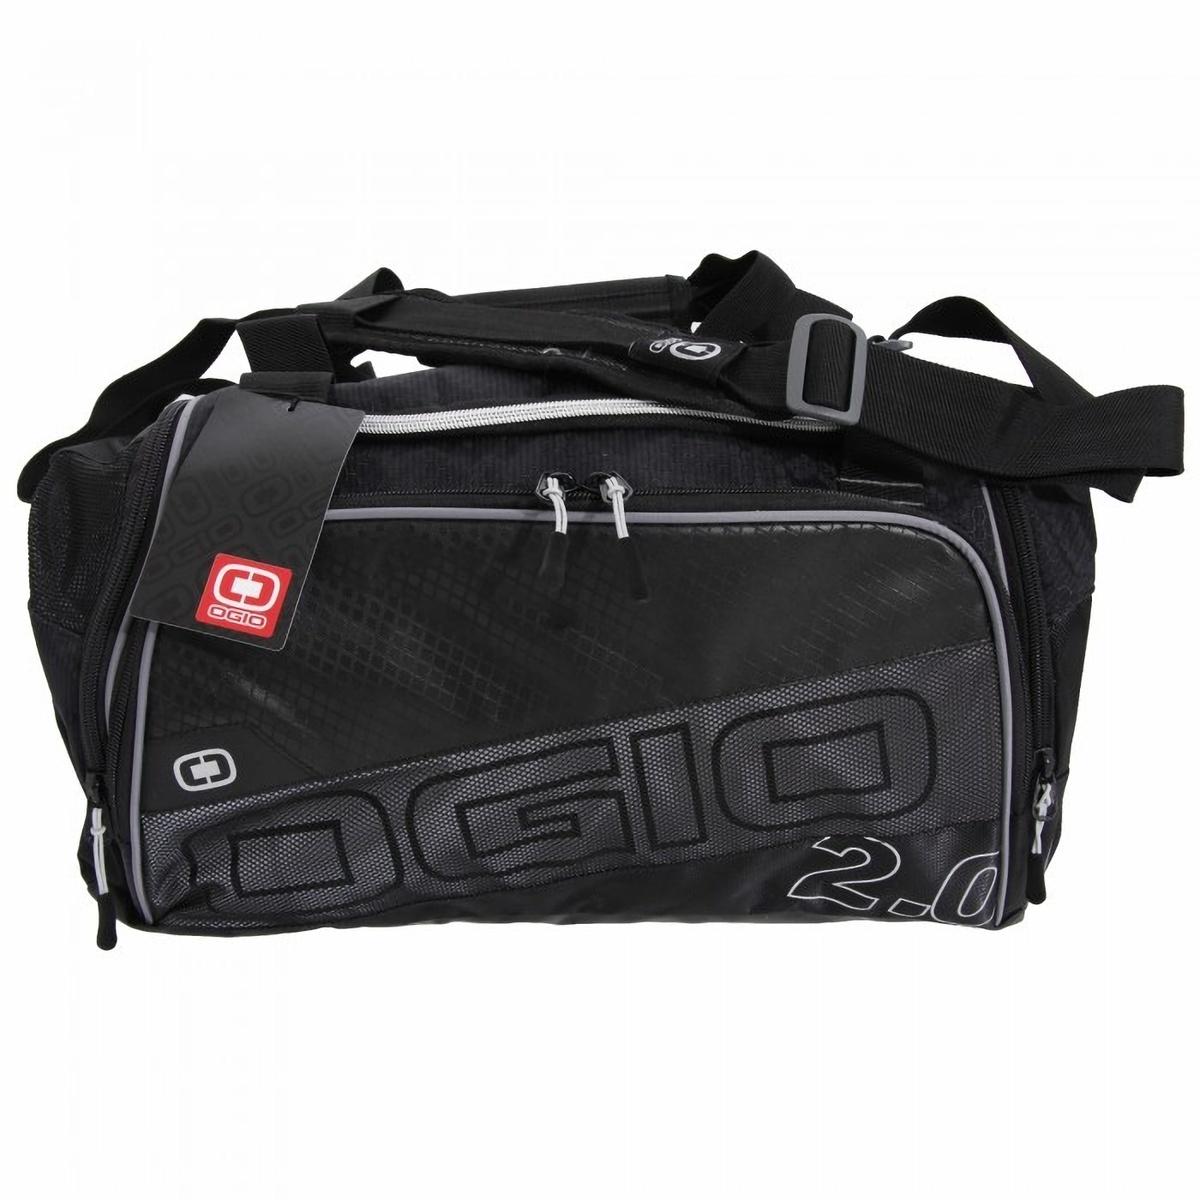 (オジオ) Ogio エンデュランス スポーツ 2.0 ボストンバッグ ダッフルバッグ 旅行かばん 38L (2パック) 【海外直送】